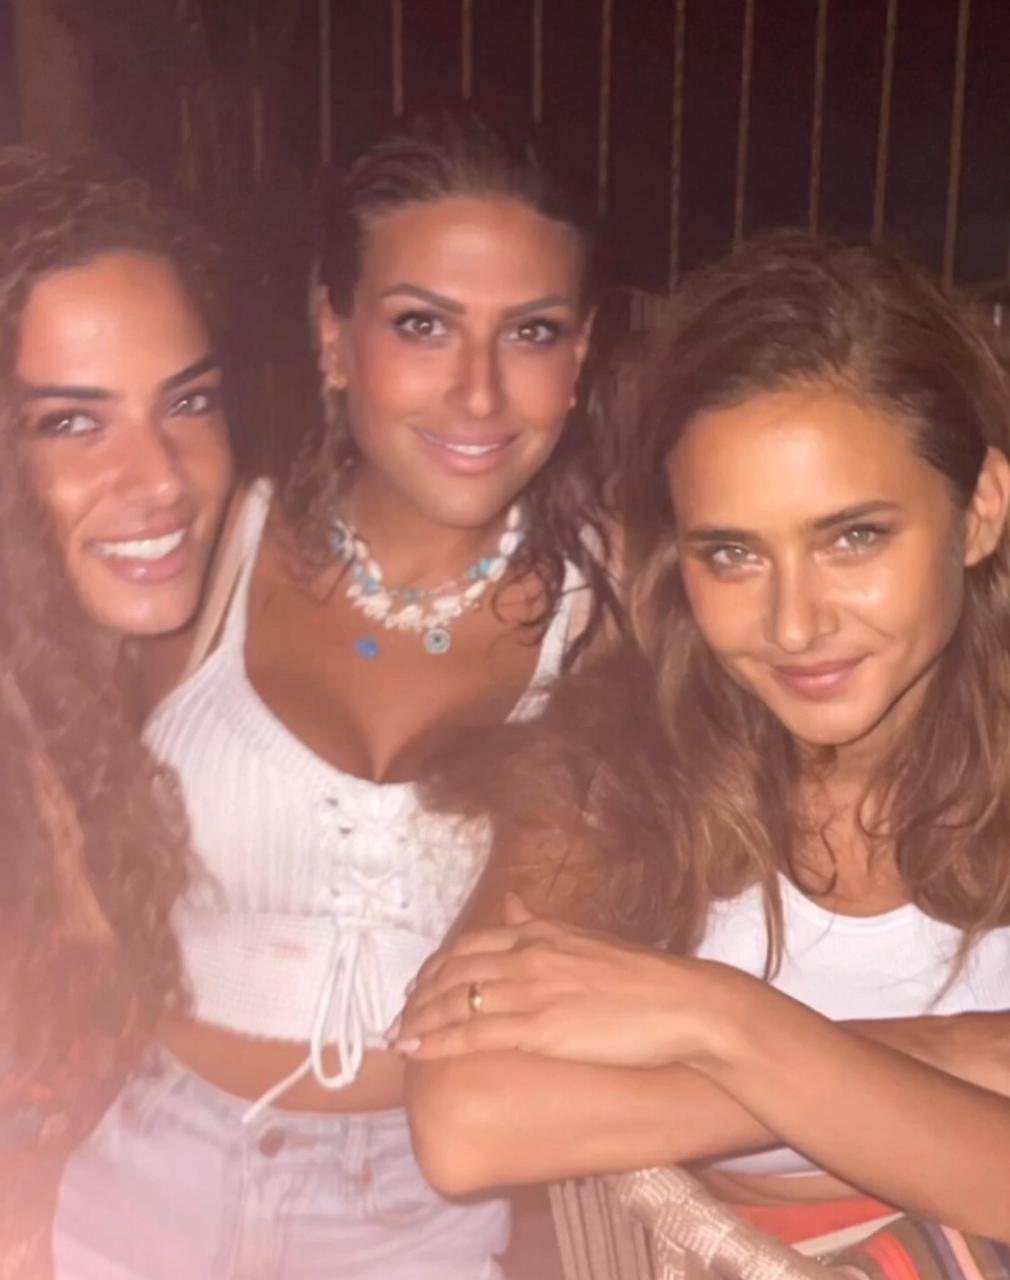 نيللى كريم برفقة اصدقائها المقربين في الساحل الشمالي  (3)